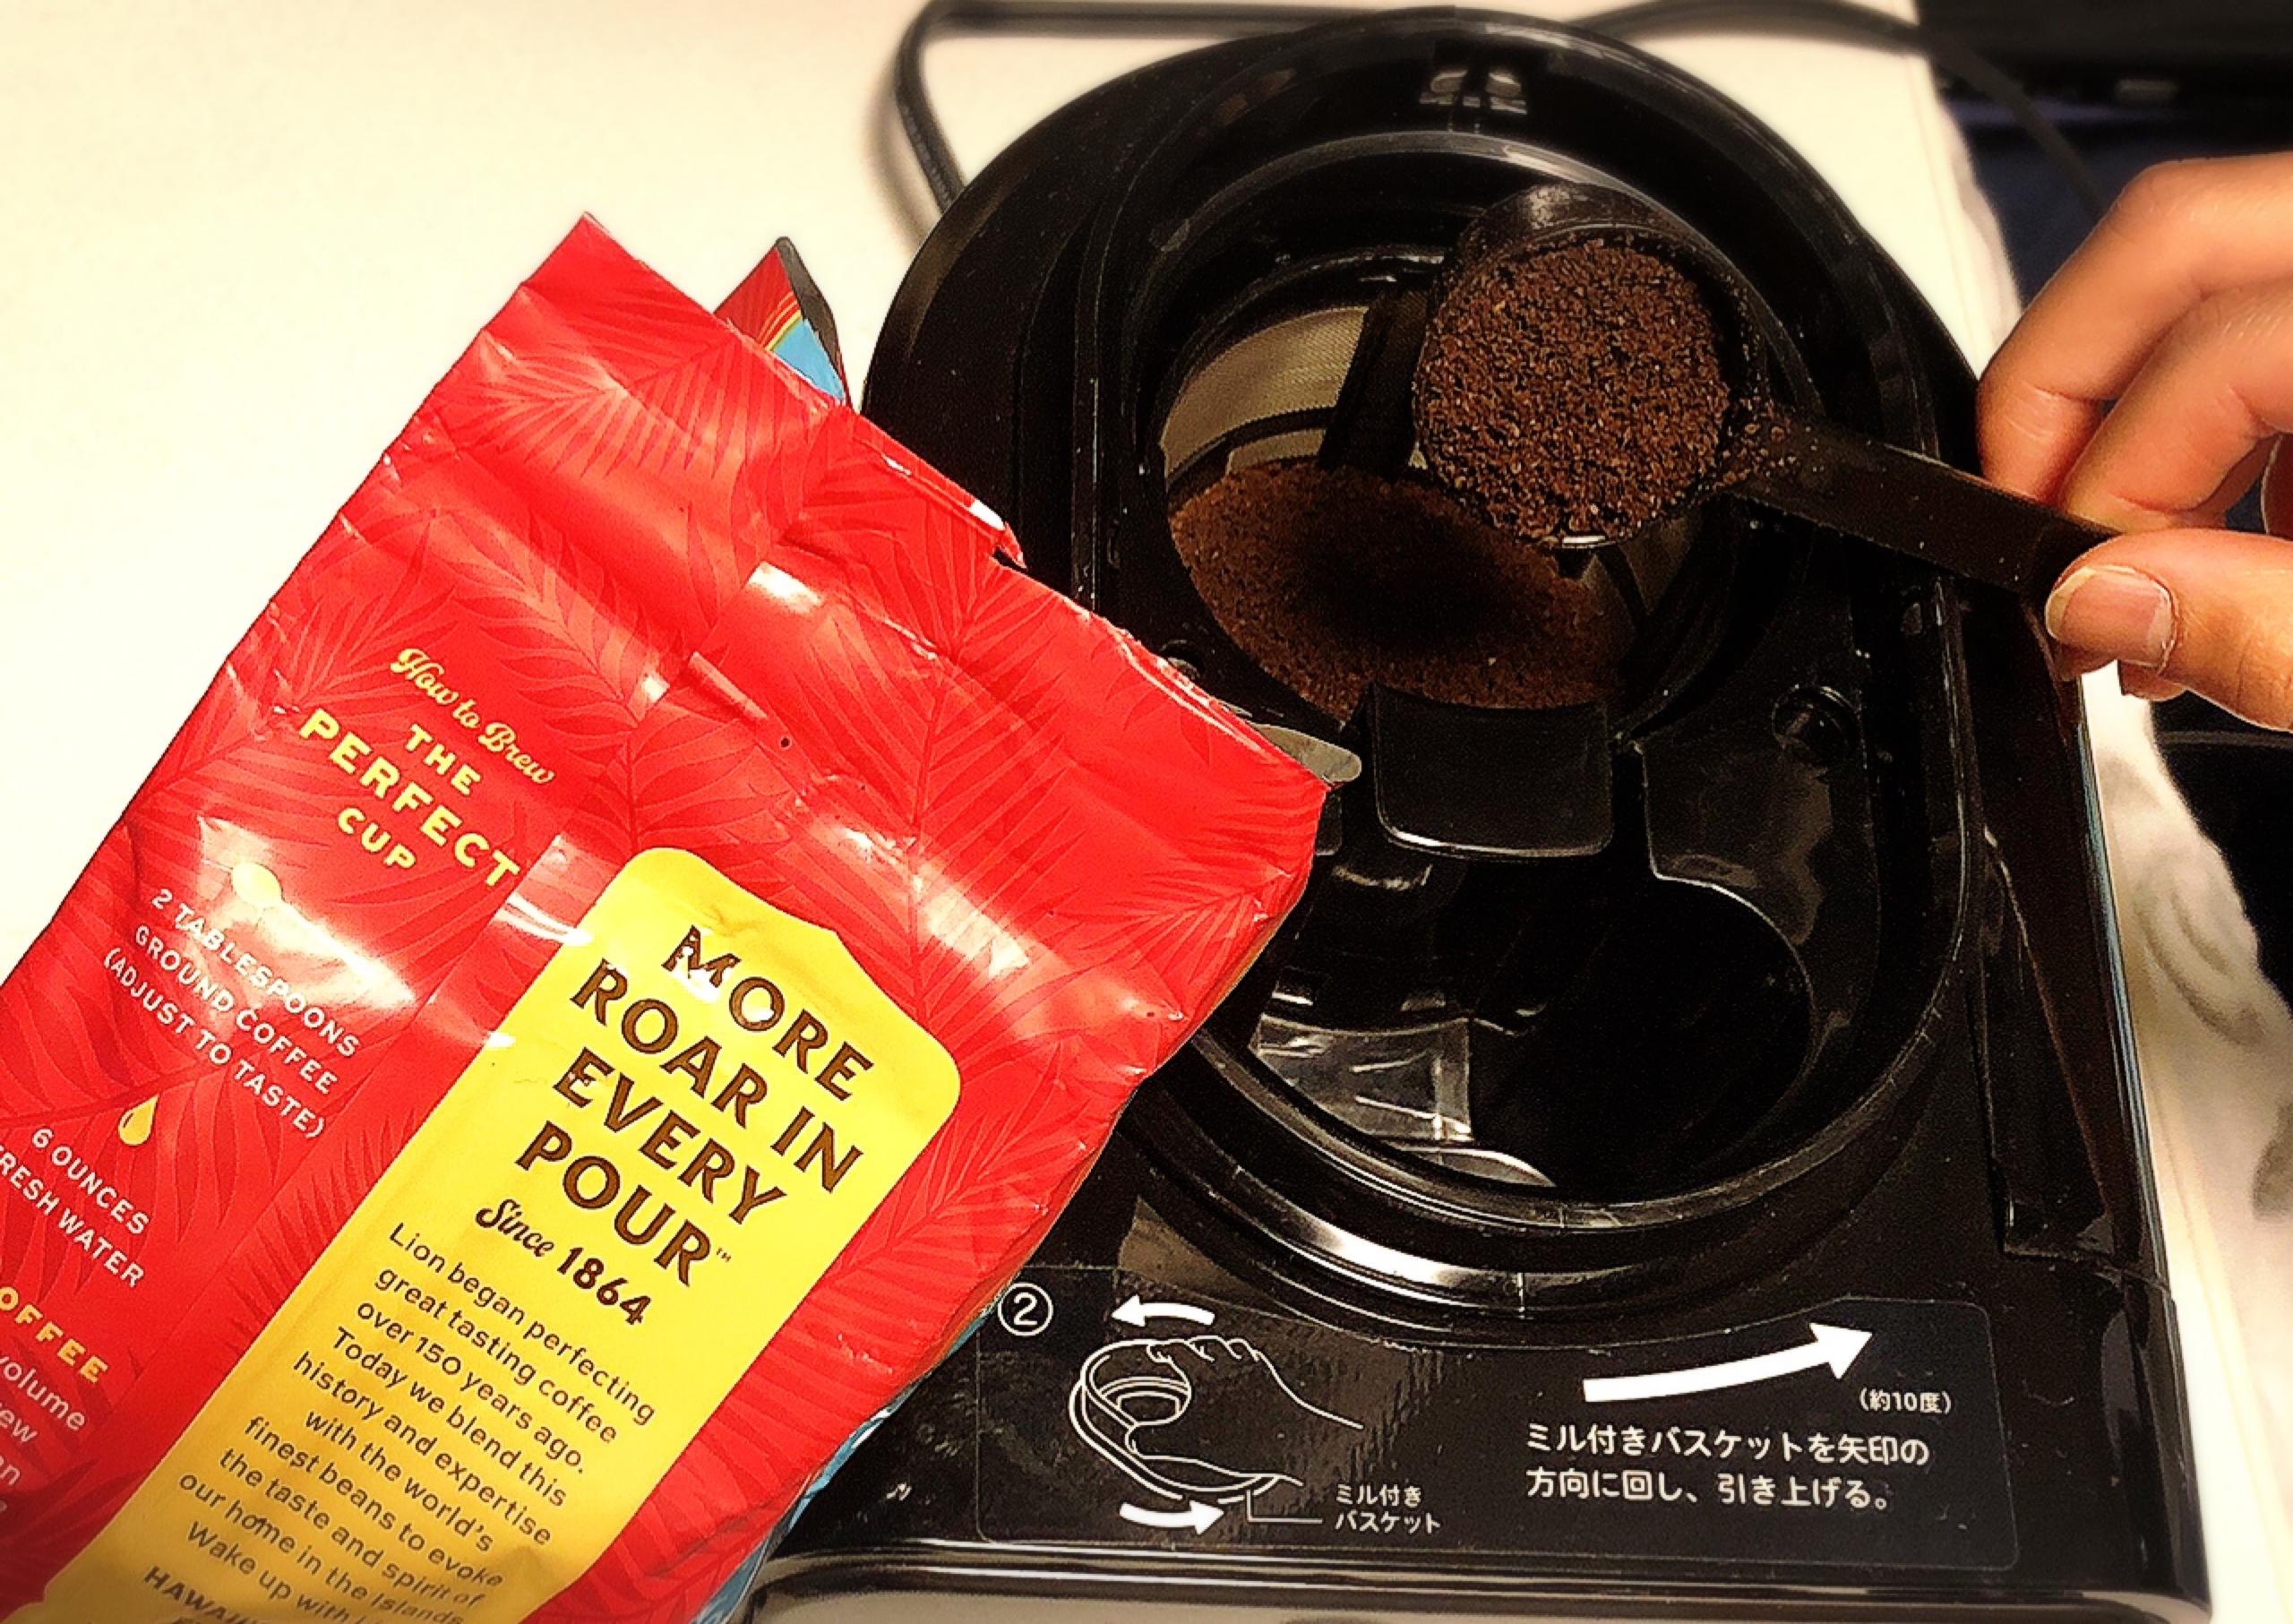 【#キッチン家電】おうちカフェ コンパクトで可愛いのに超優秀☕︎豆から挽ける簡単3ステップコーヒーメーカー♩_3